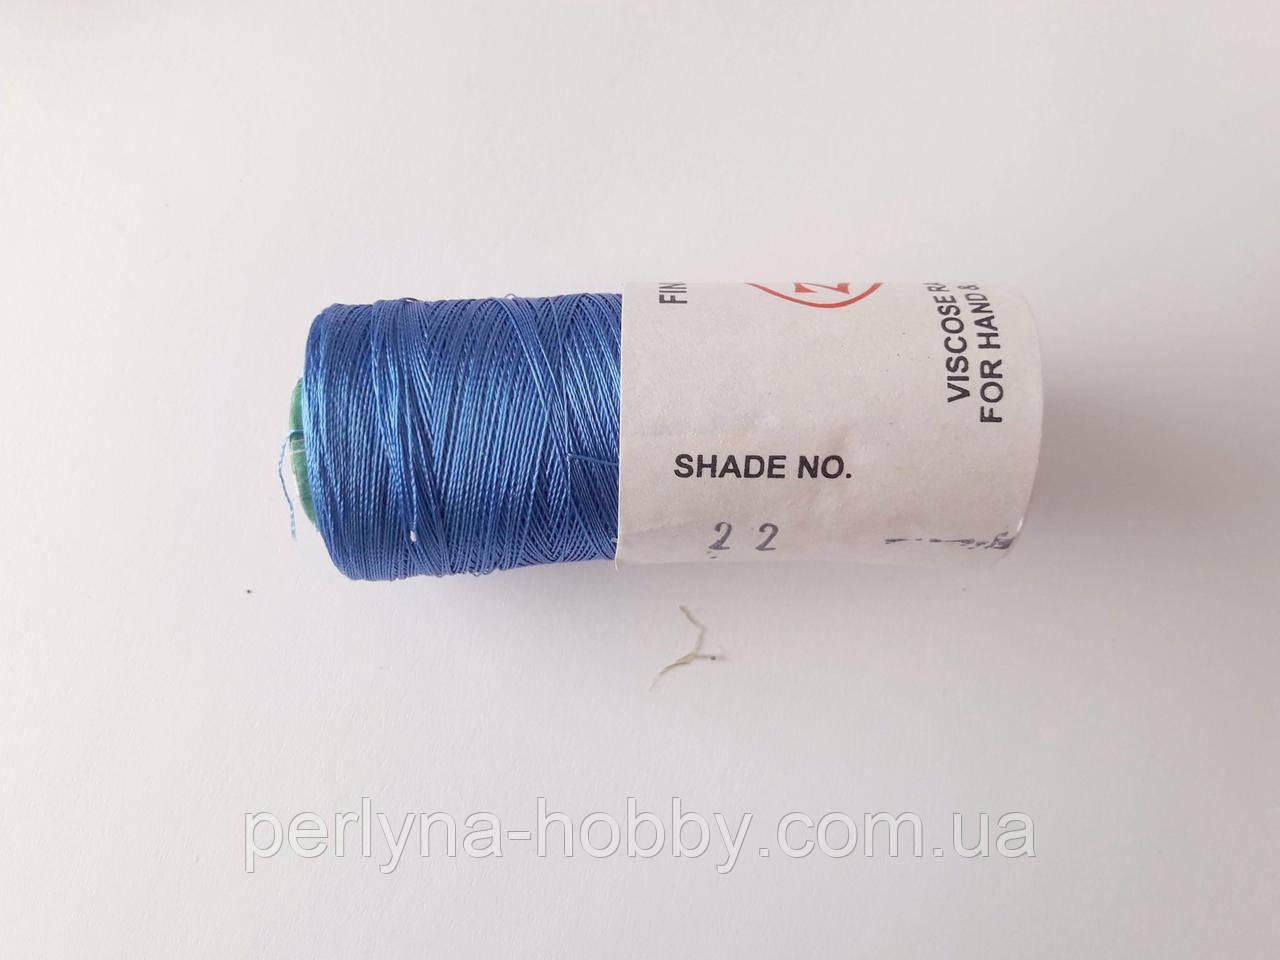 Нитки шелковые вискоза, для ручной и машинной вышивки, для серг-кисточек Індія. Сині № 22